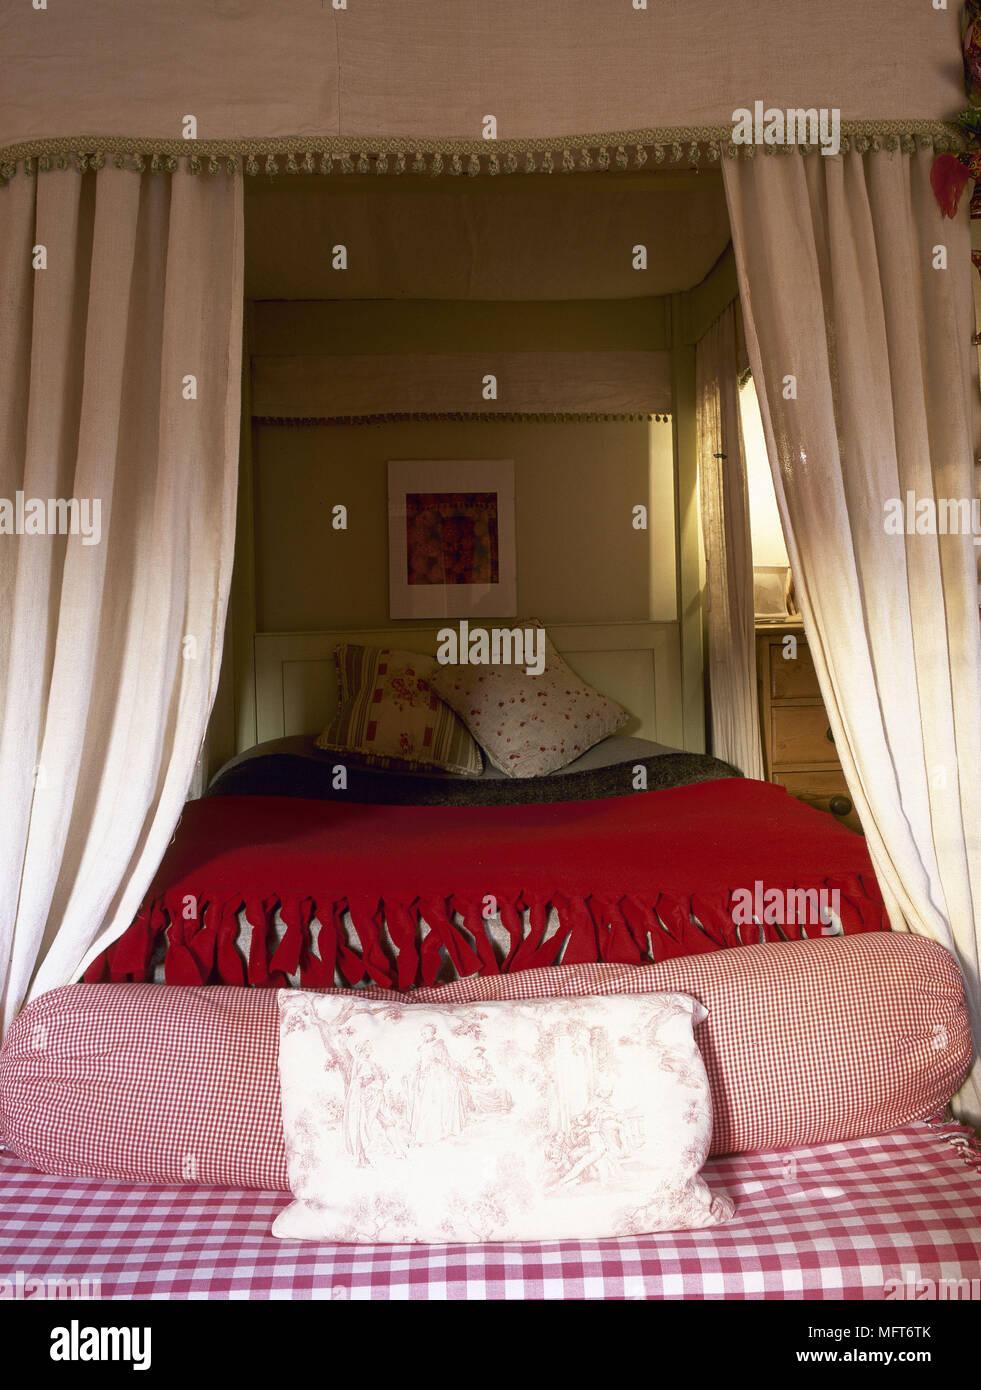 Traditionelle Schlafzimmer detail Himmelbett Vorhang Kabinenhaube ...